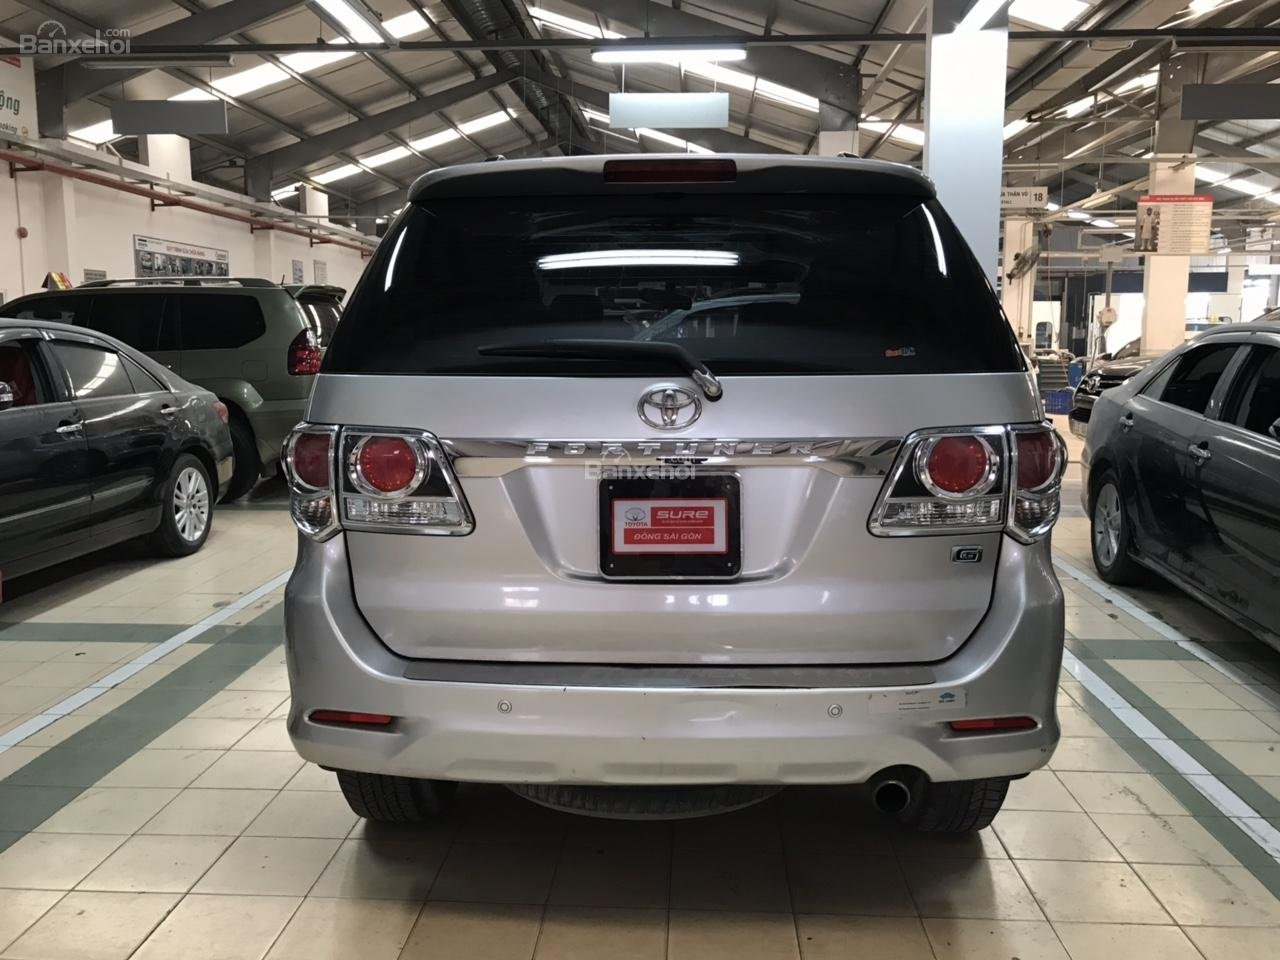 Bán xe Toyota Fortuner 2.5G năm 2015, màu bạc, xe số sàn, chất xe đã được kiểm định giá thương lượng khi xem mua xe-1